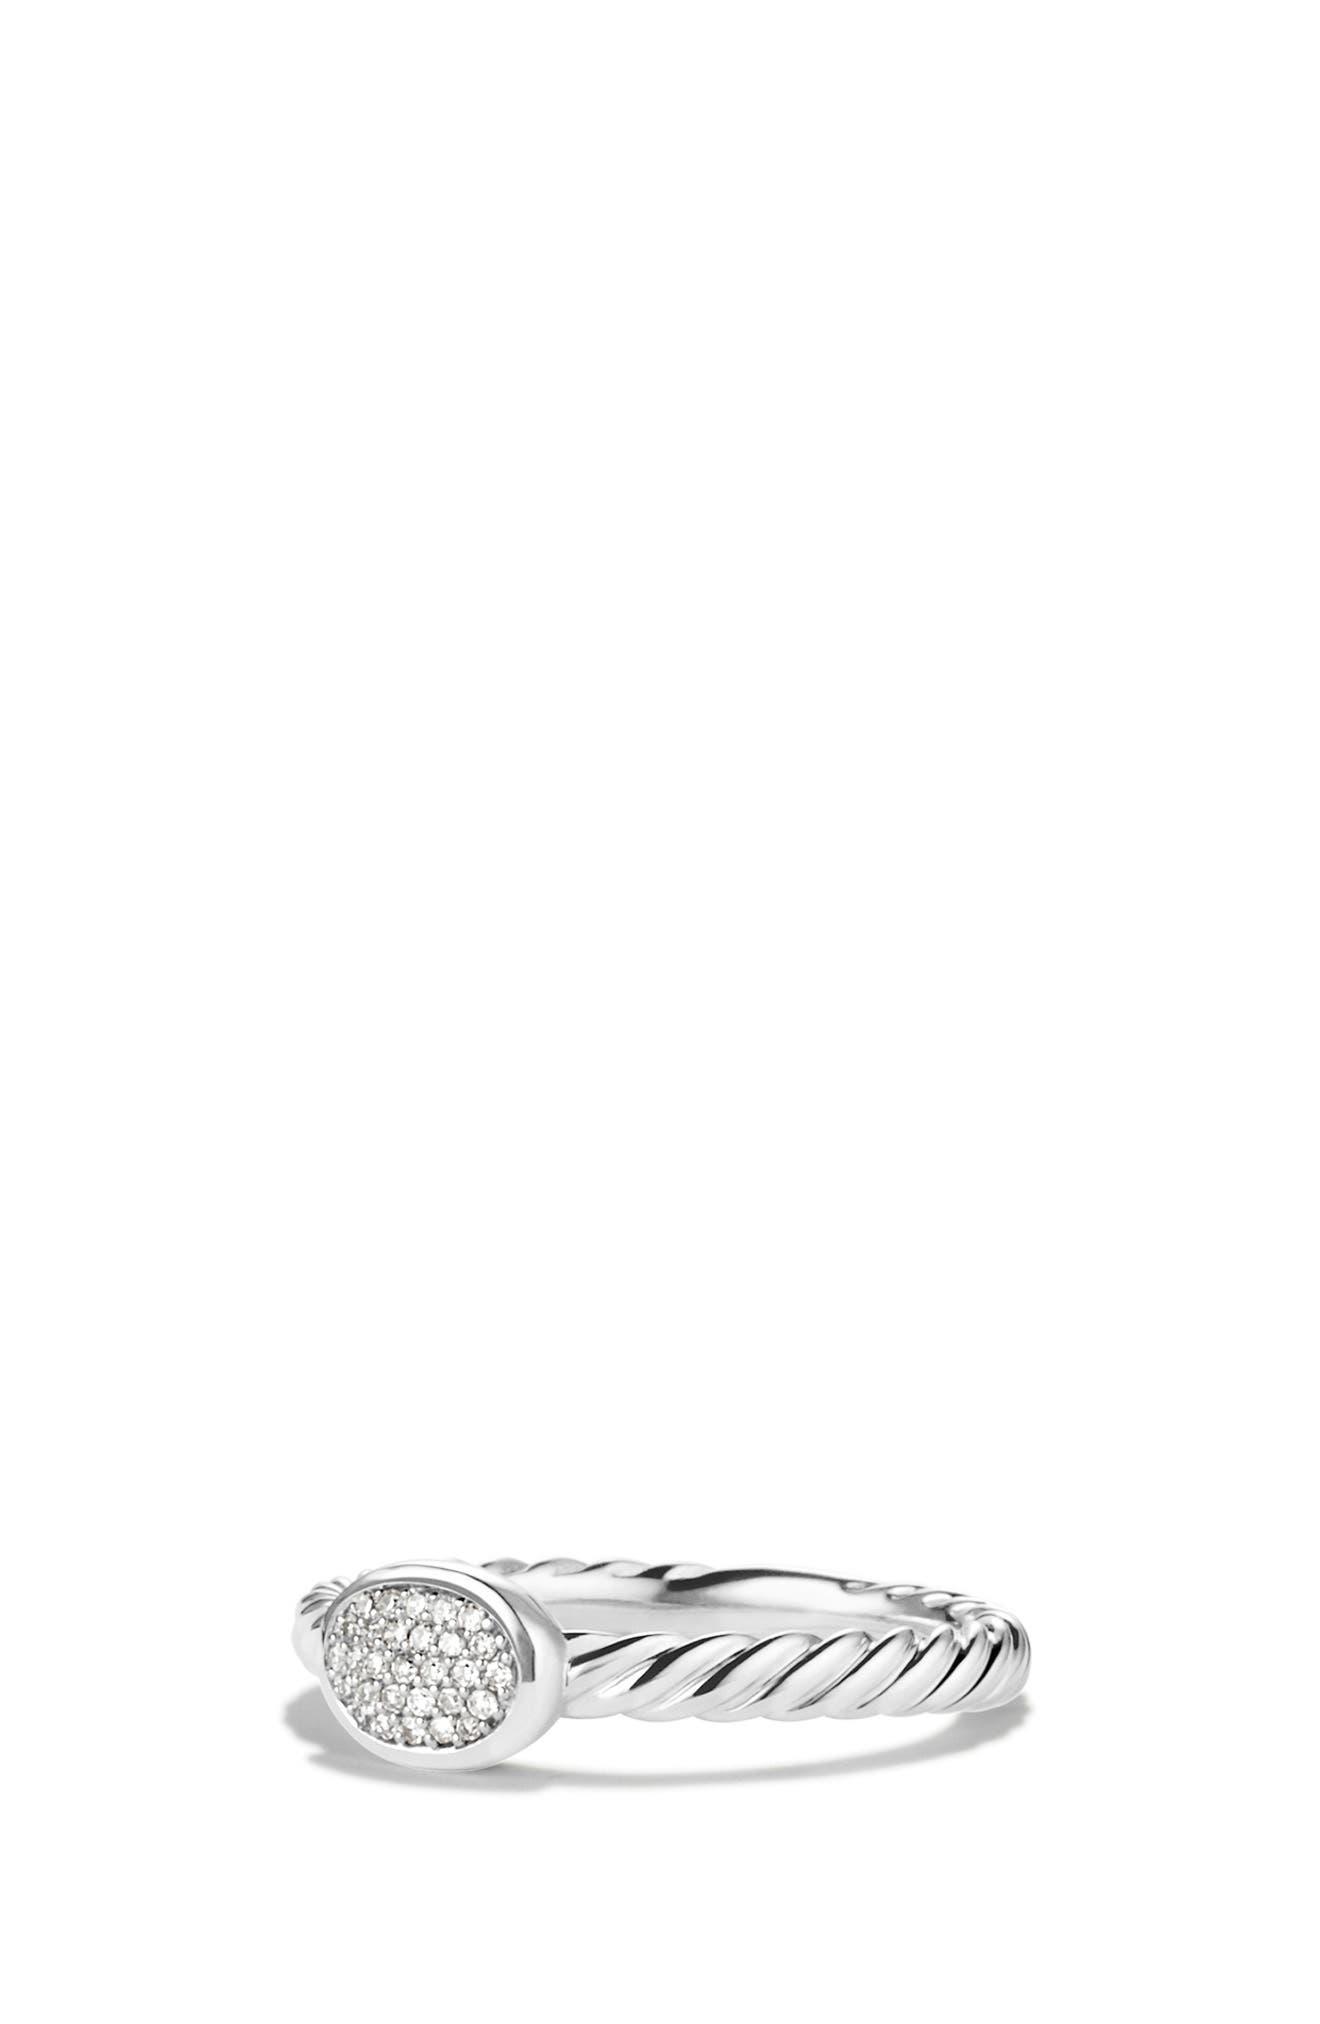 Main Image - David Yurman Petite Pavé Oval Ring with Diamonds